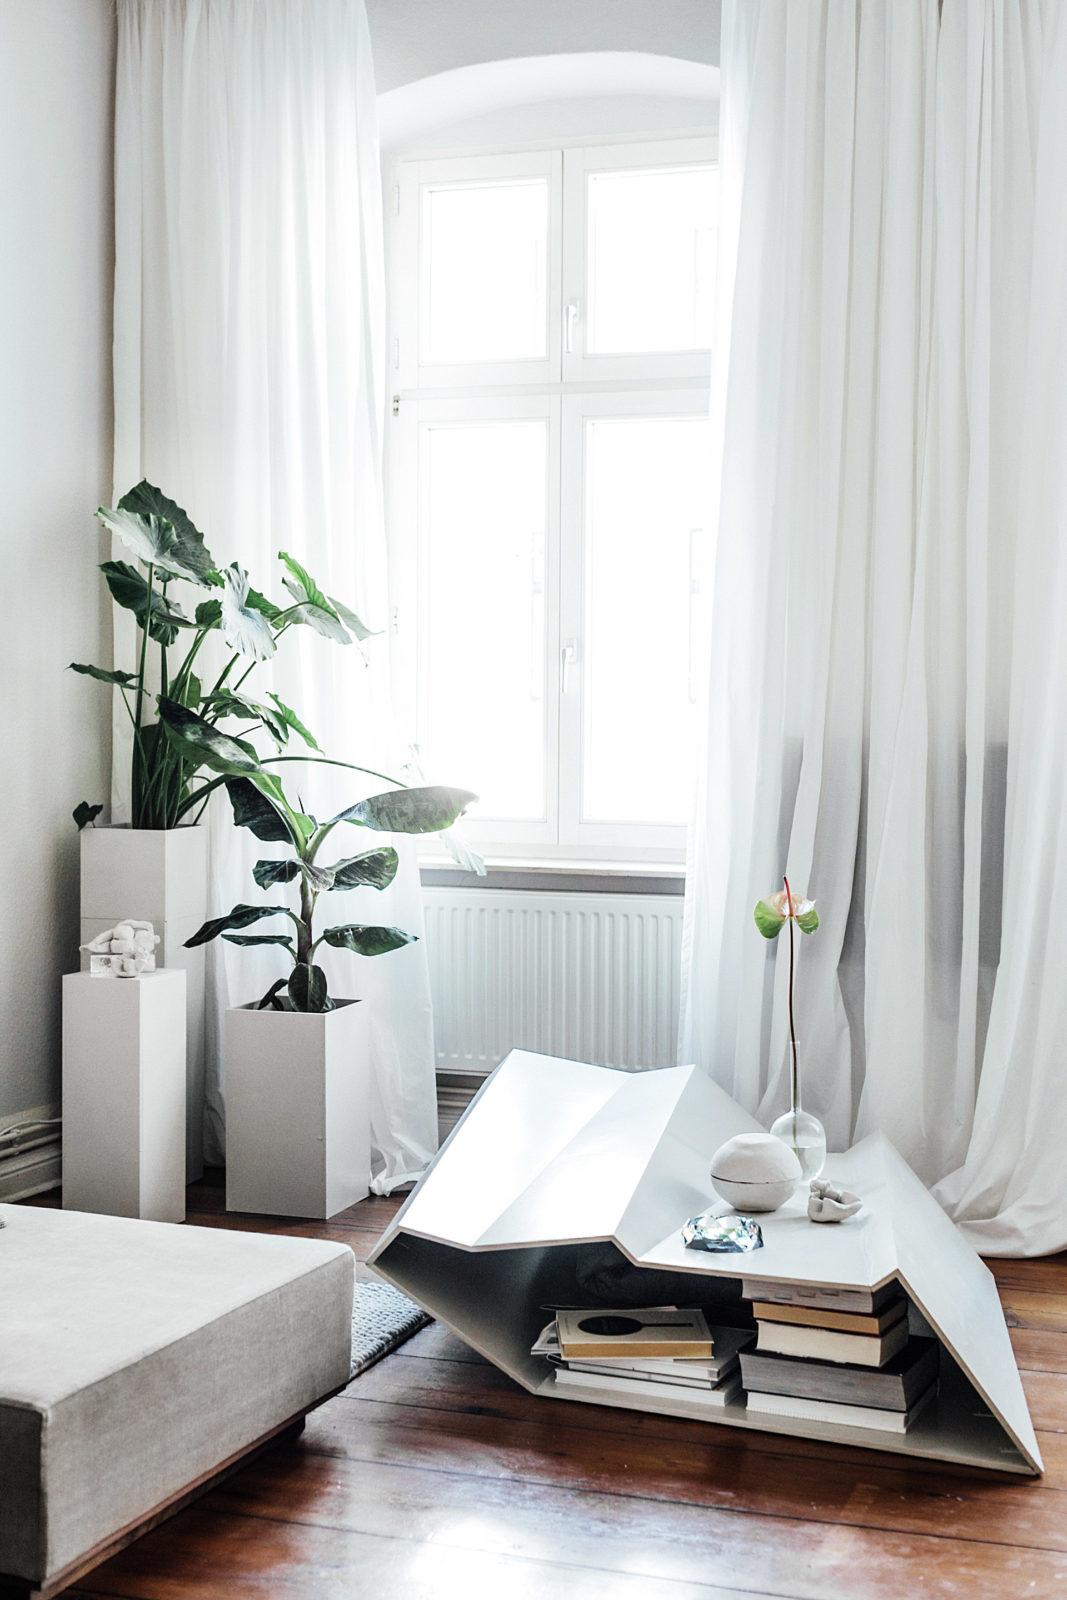 die kunst aus wenig viel zu machen unsere homestory mit trang journelles. Black Bedroom Furniture Sets. Home Design Ideas